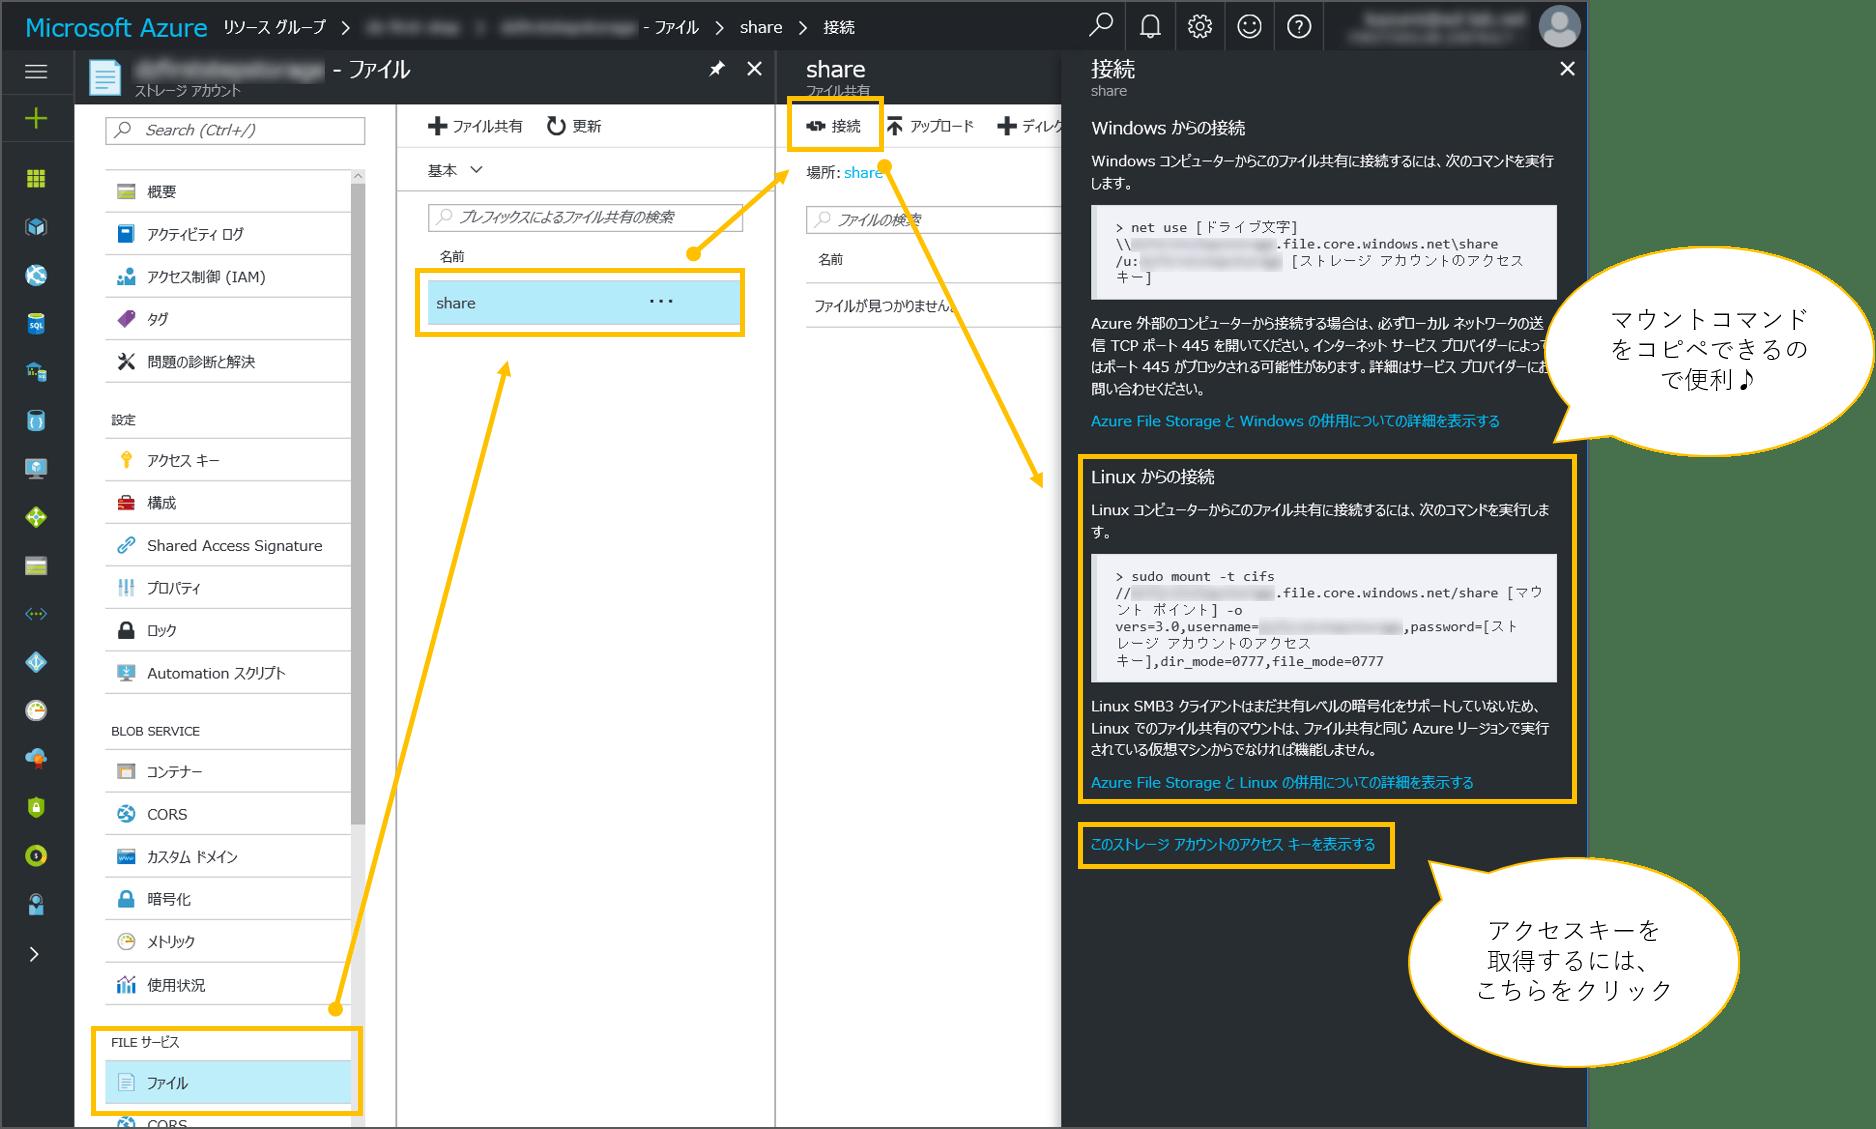 Check! CentOS の仮想マシンから Azure File Storage をマウントする